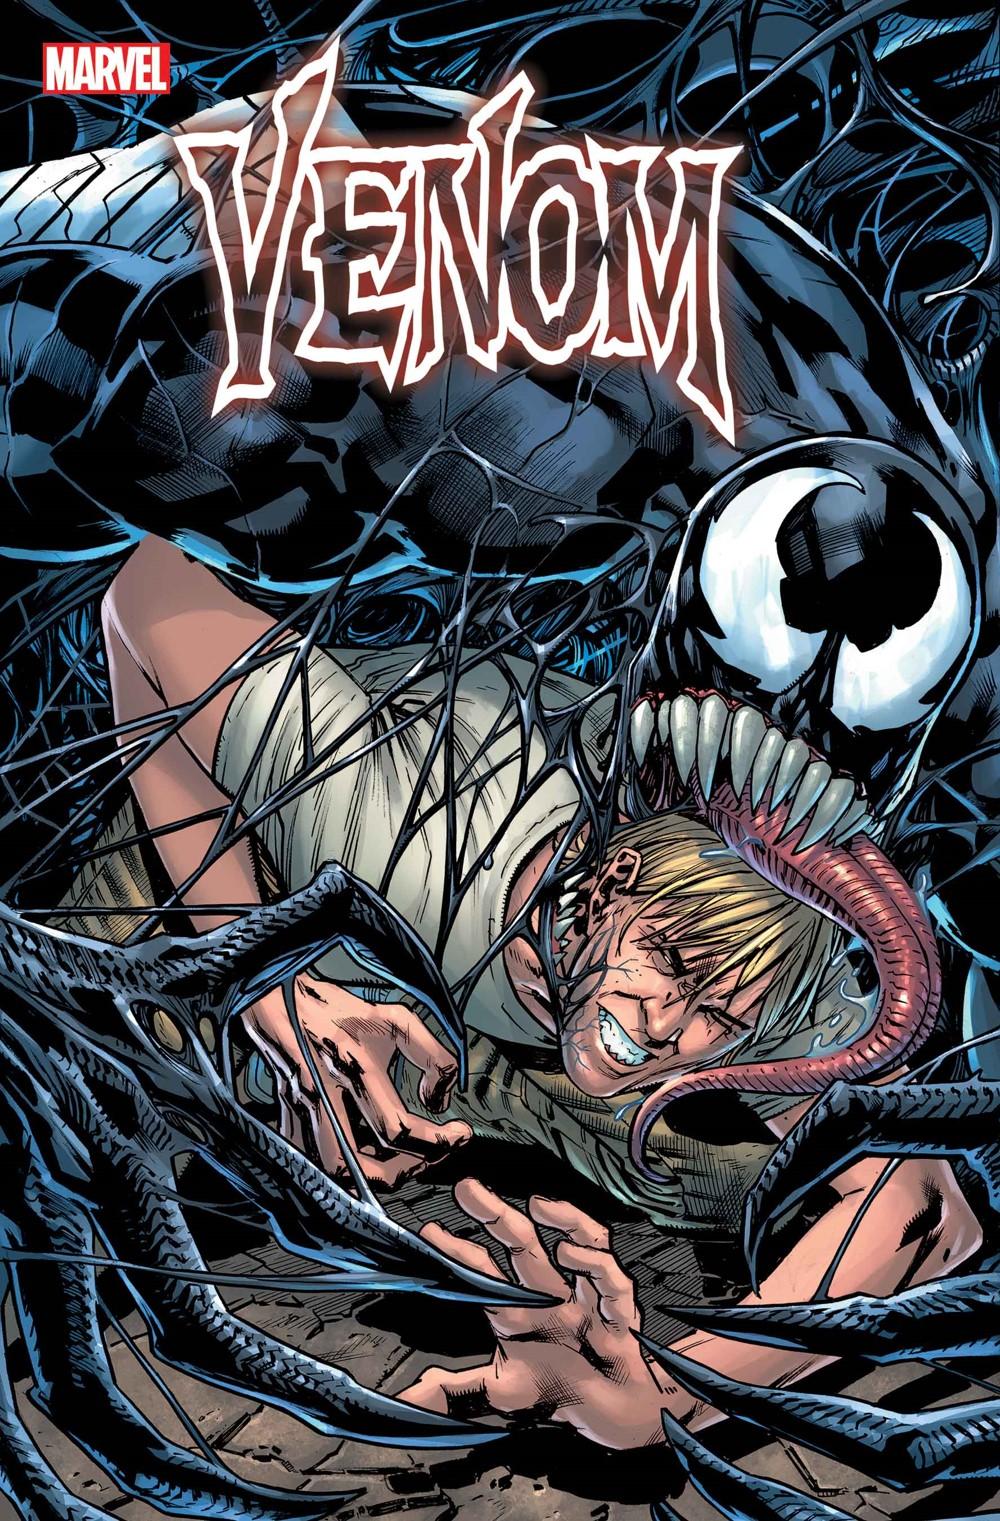 VENOM2021003_cov-1 Marvel Comics December 2021 Solicitations